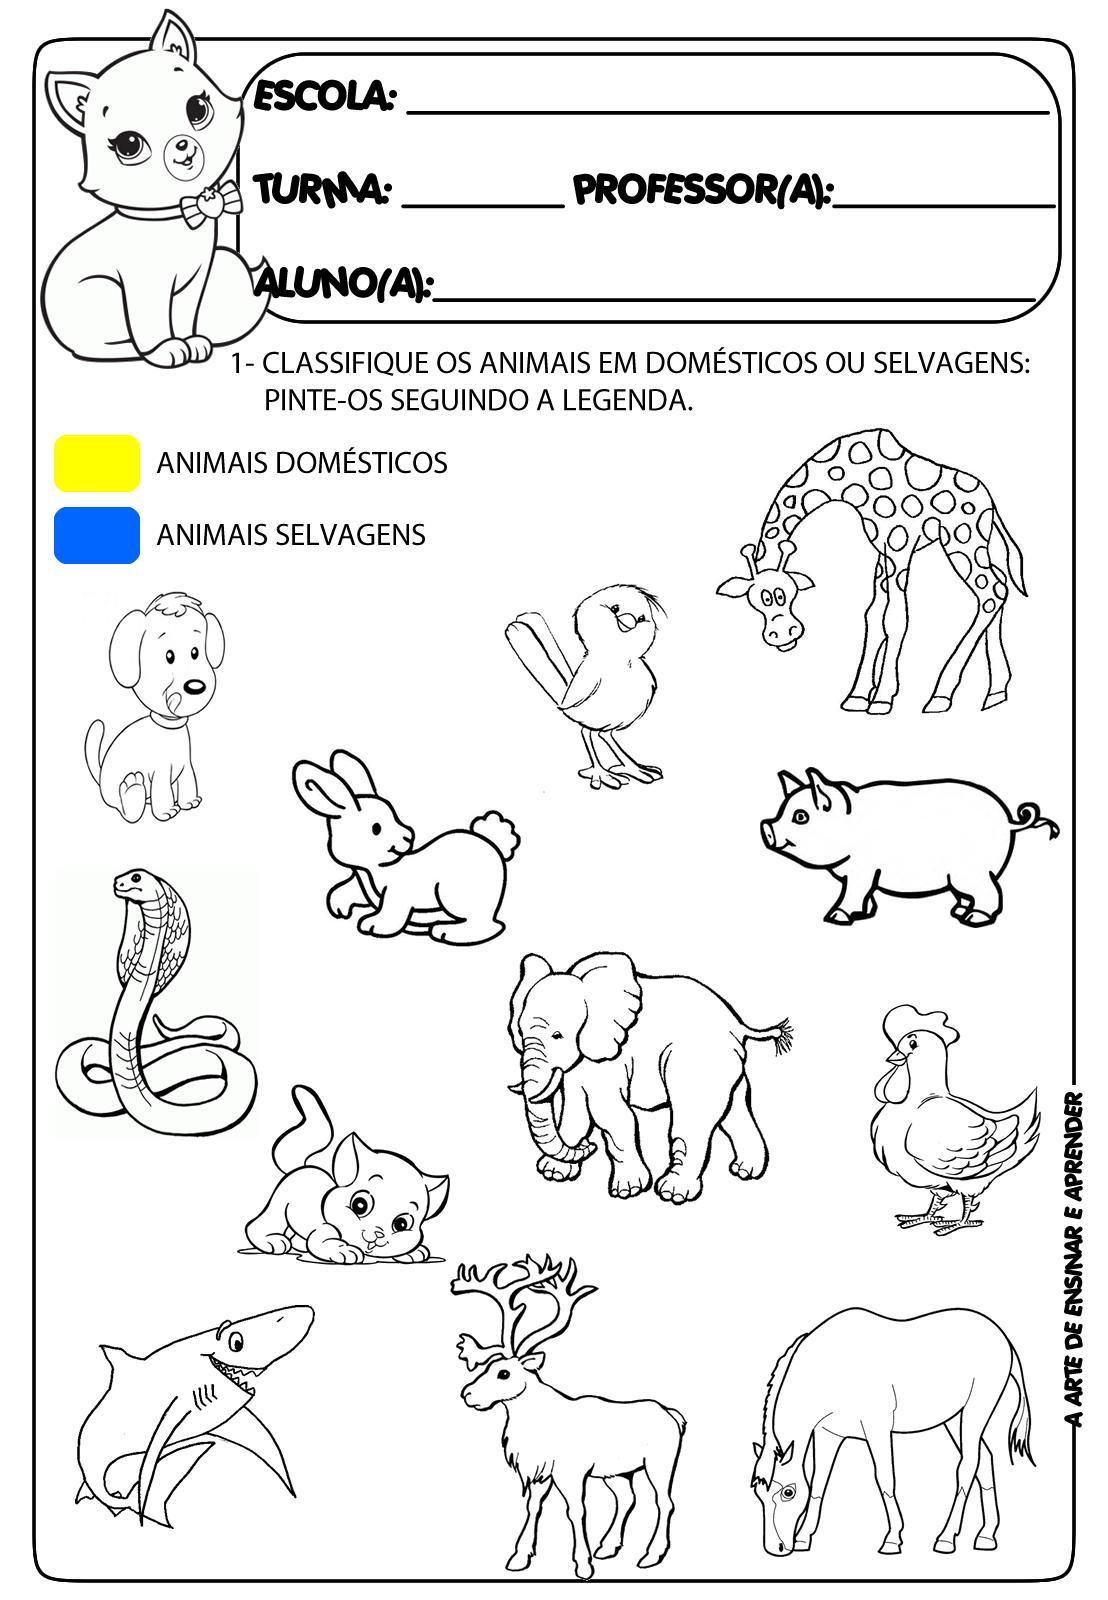 Conhecido Atividades prontas tema projeto animais | Atividades, Animais e  AN78